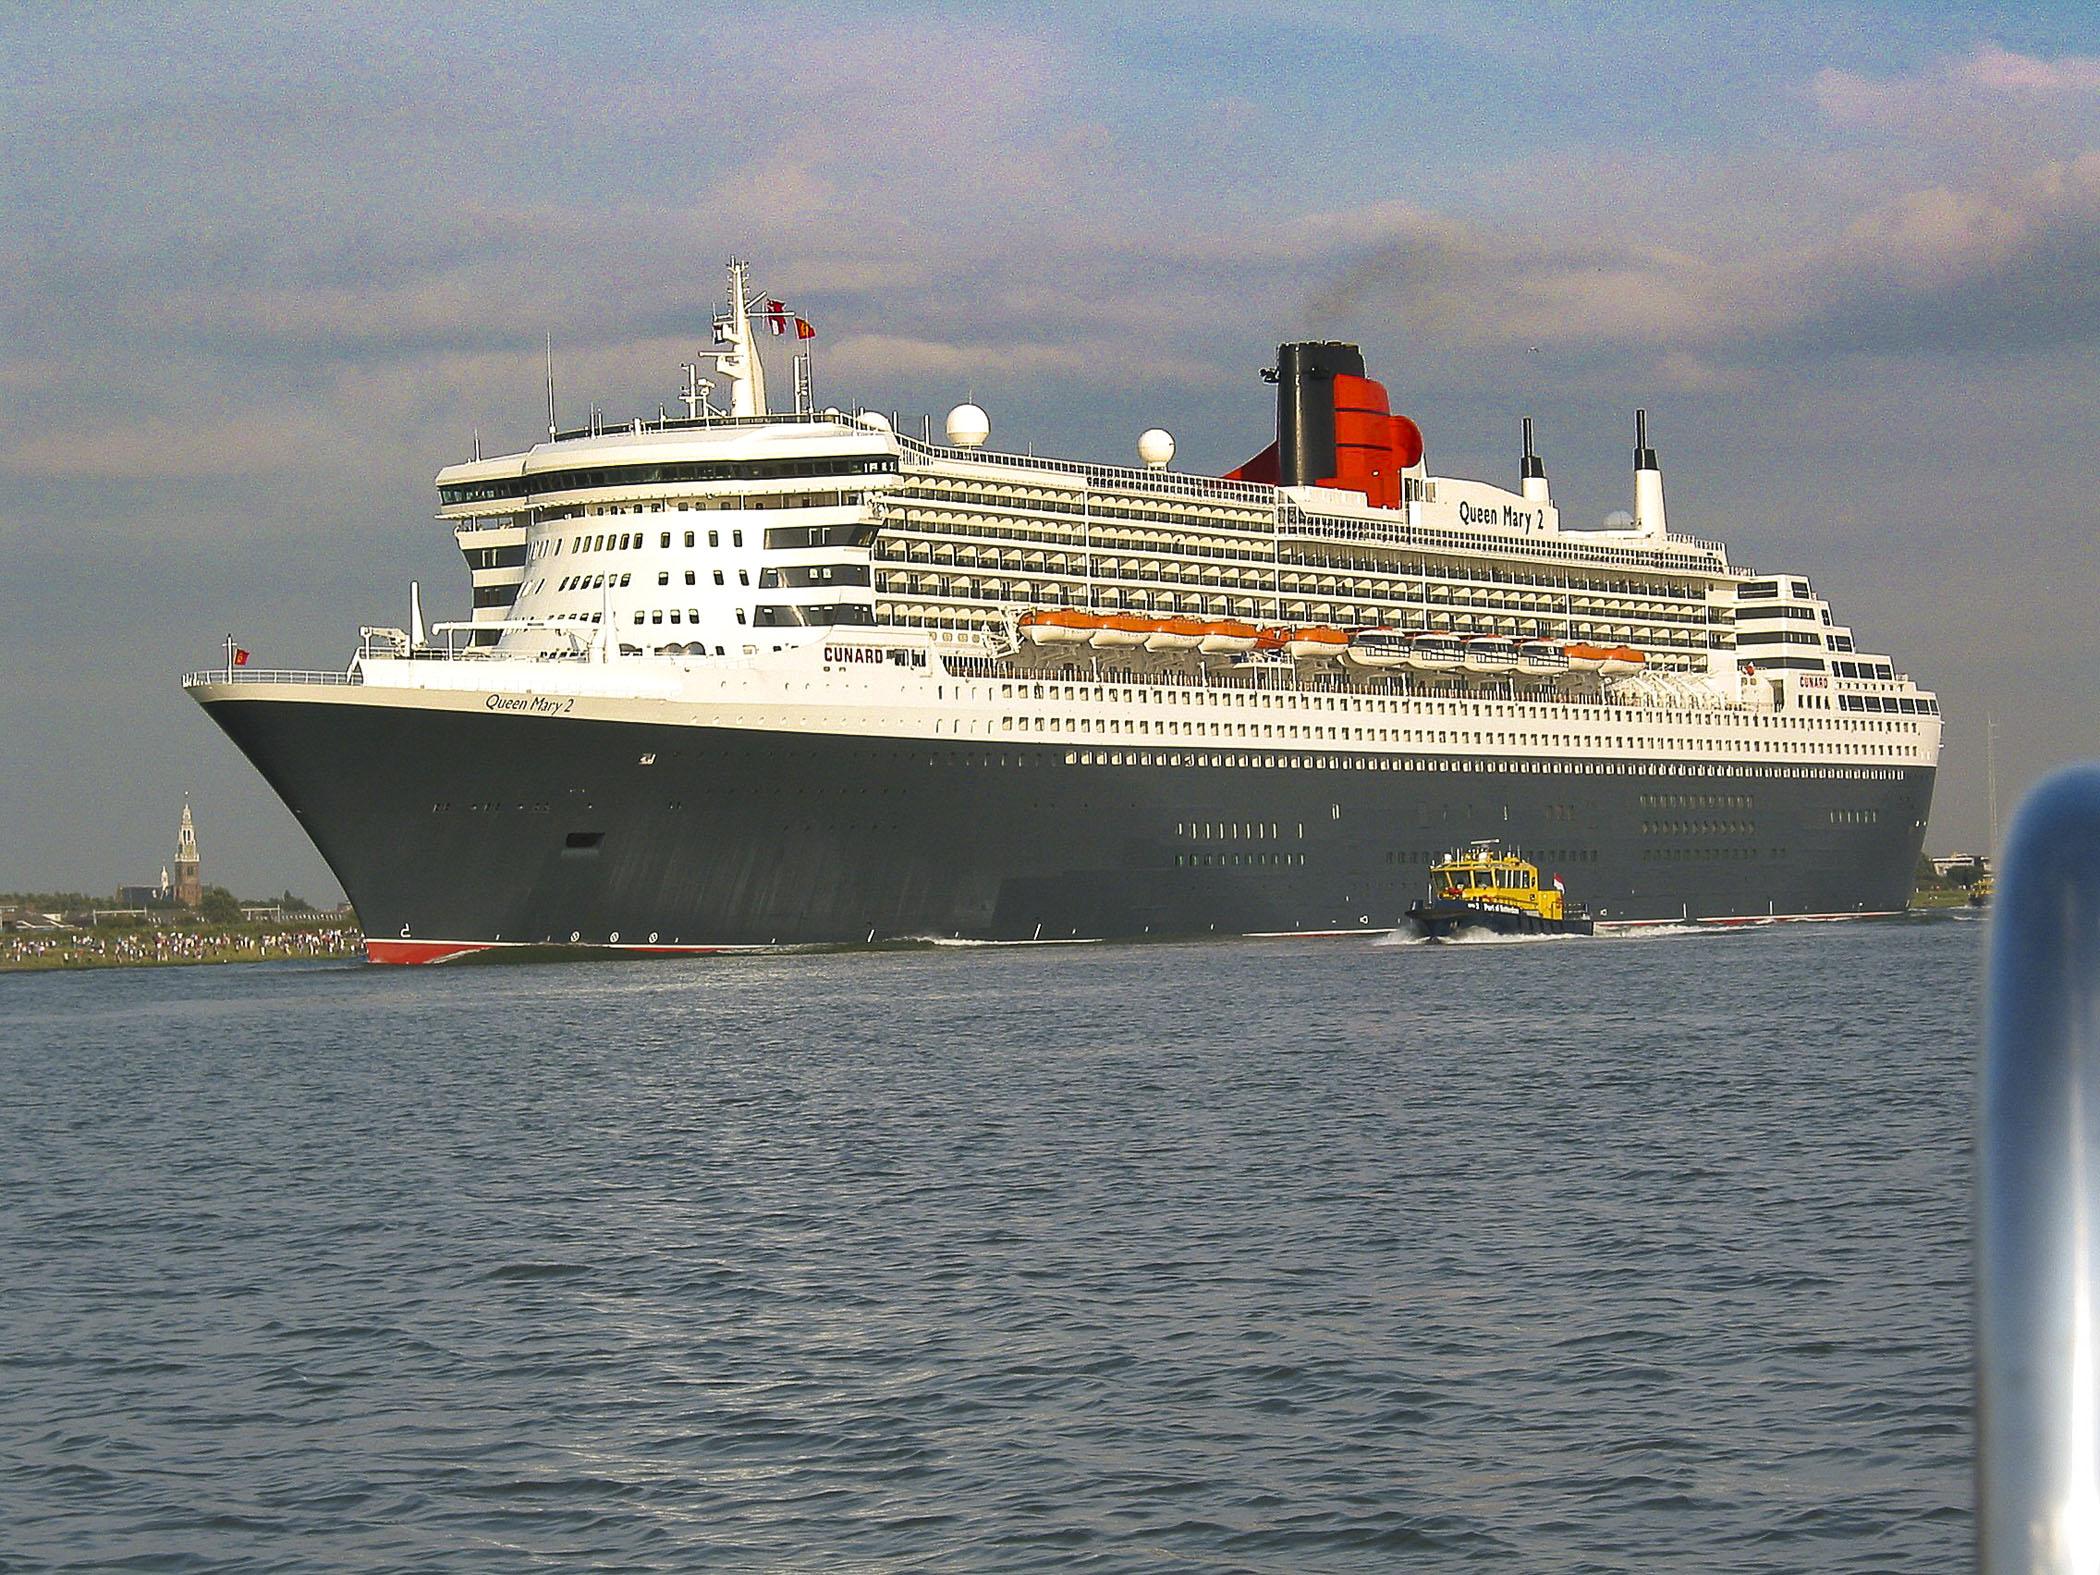 Nostalgia – RMS Queen Mary 2 | BlogCatalog